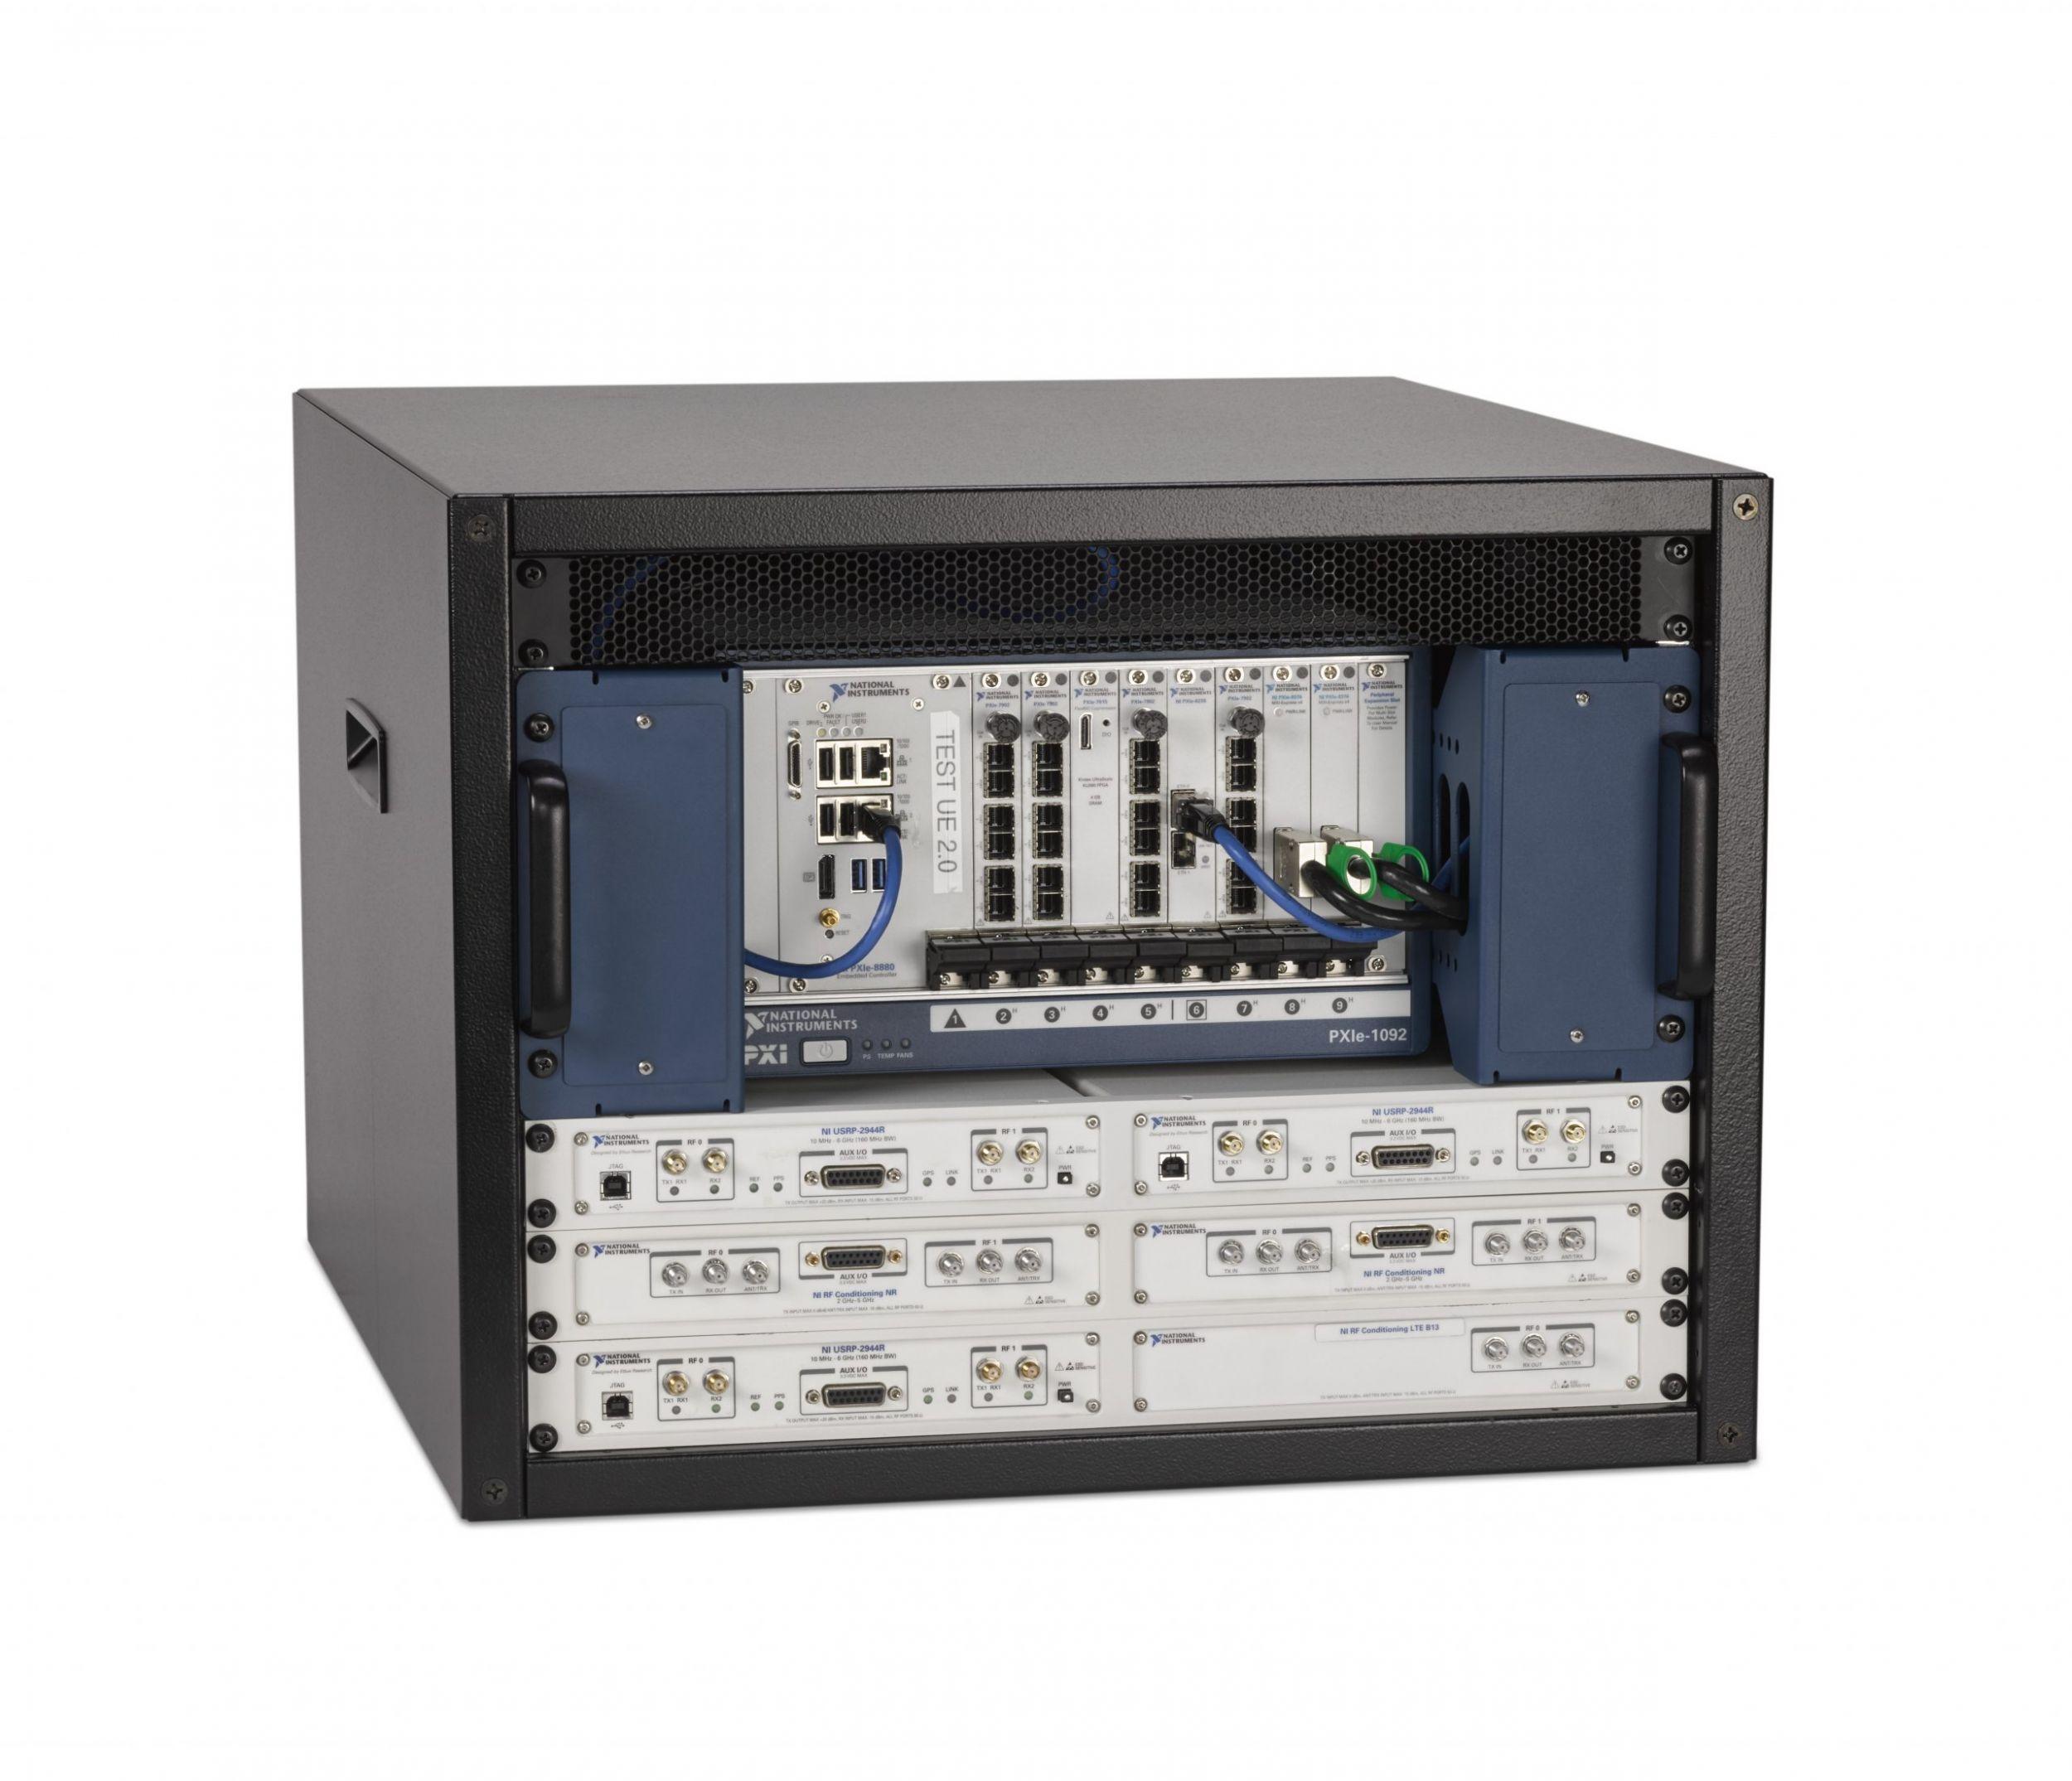 Testendgeräte für Stand-Alone 5G New Radio